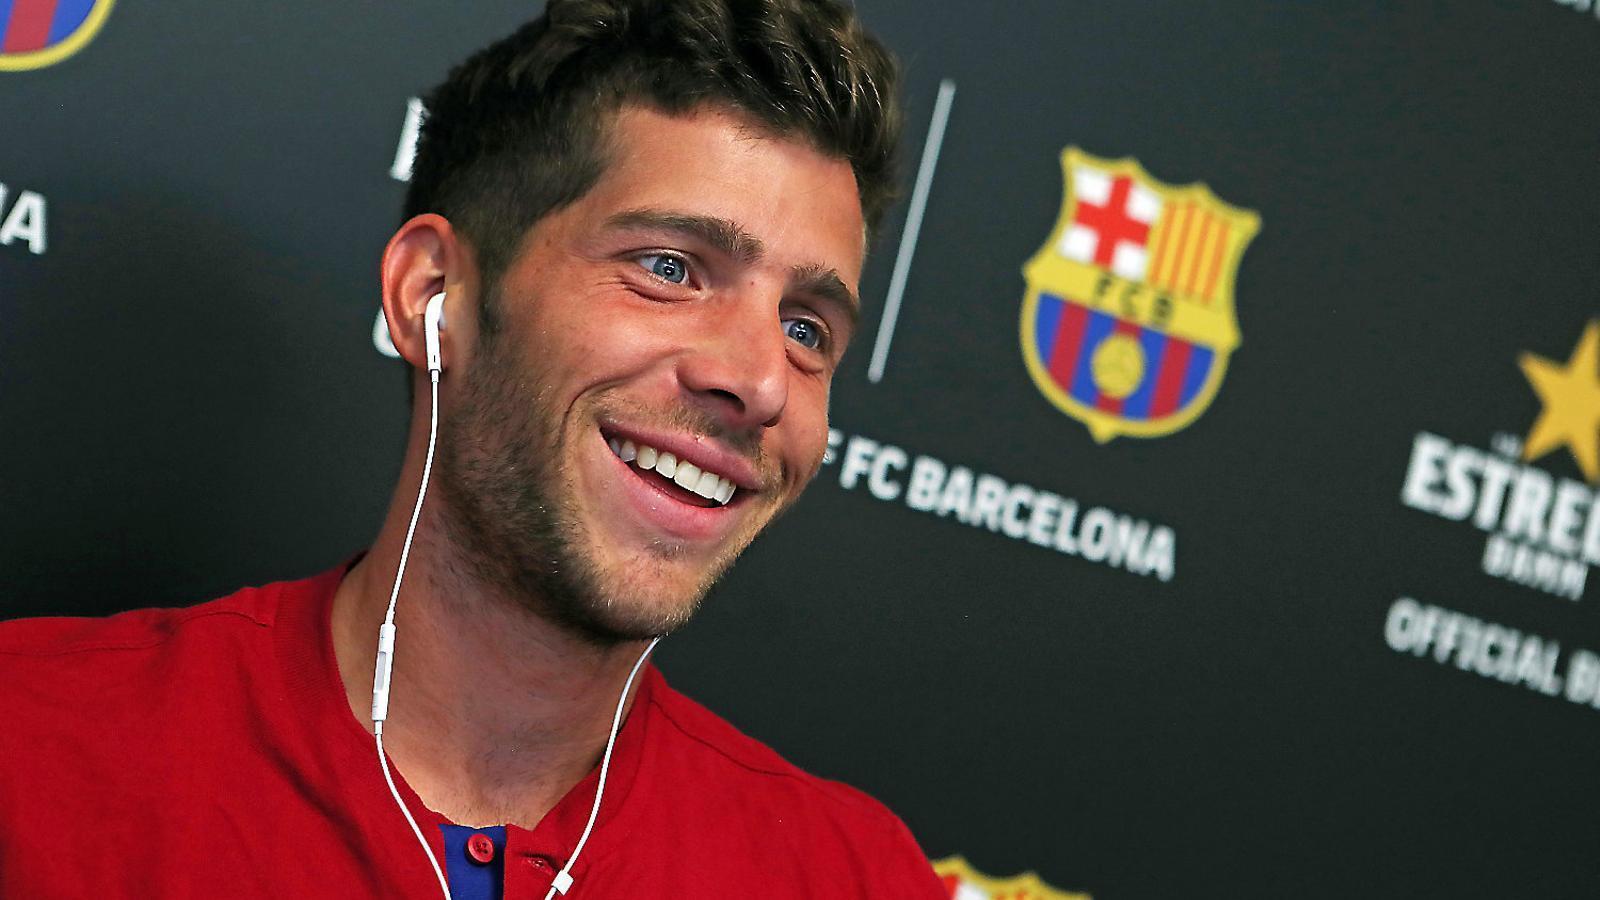 """Sergi Roberto: """"Si juguem bé, potser aconseguim que Messi vulgui seguir al Barça"""""""